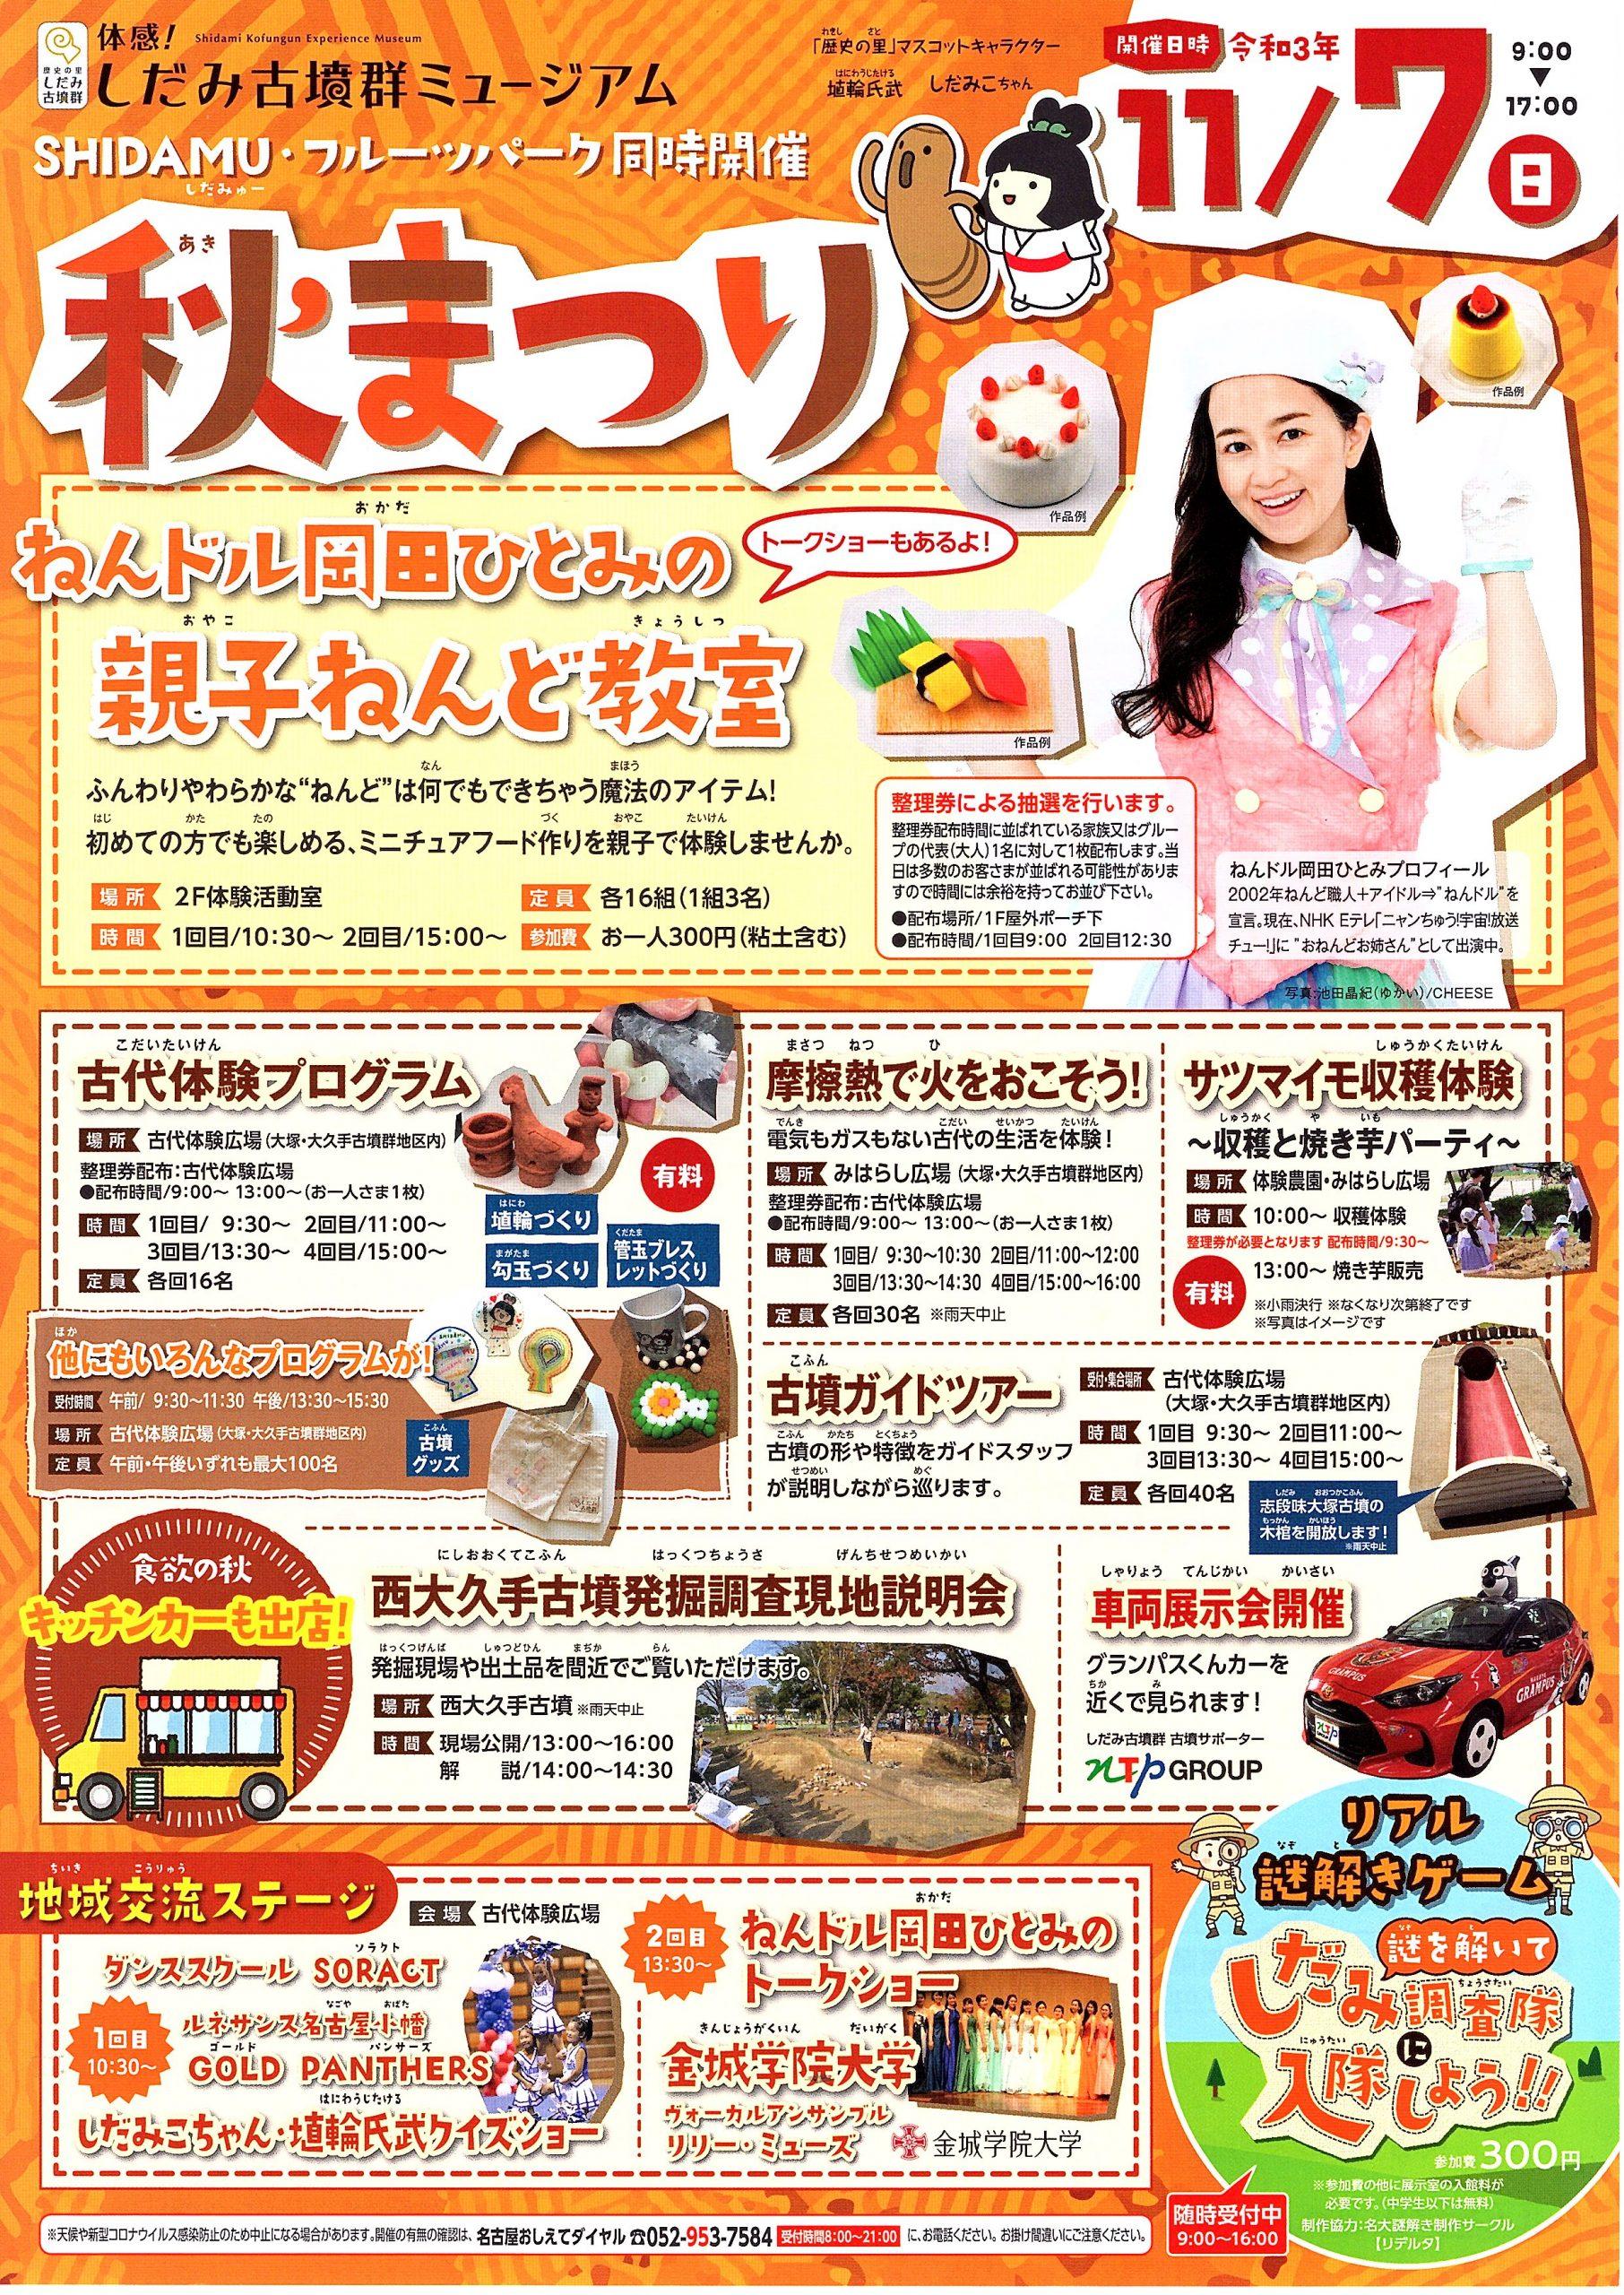 11月7日(日)秋まつり 開催のお知らせ!イメージ1